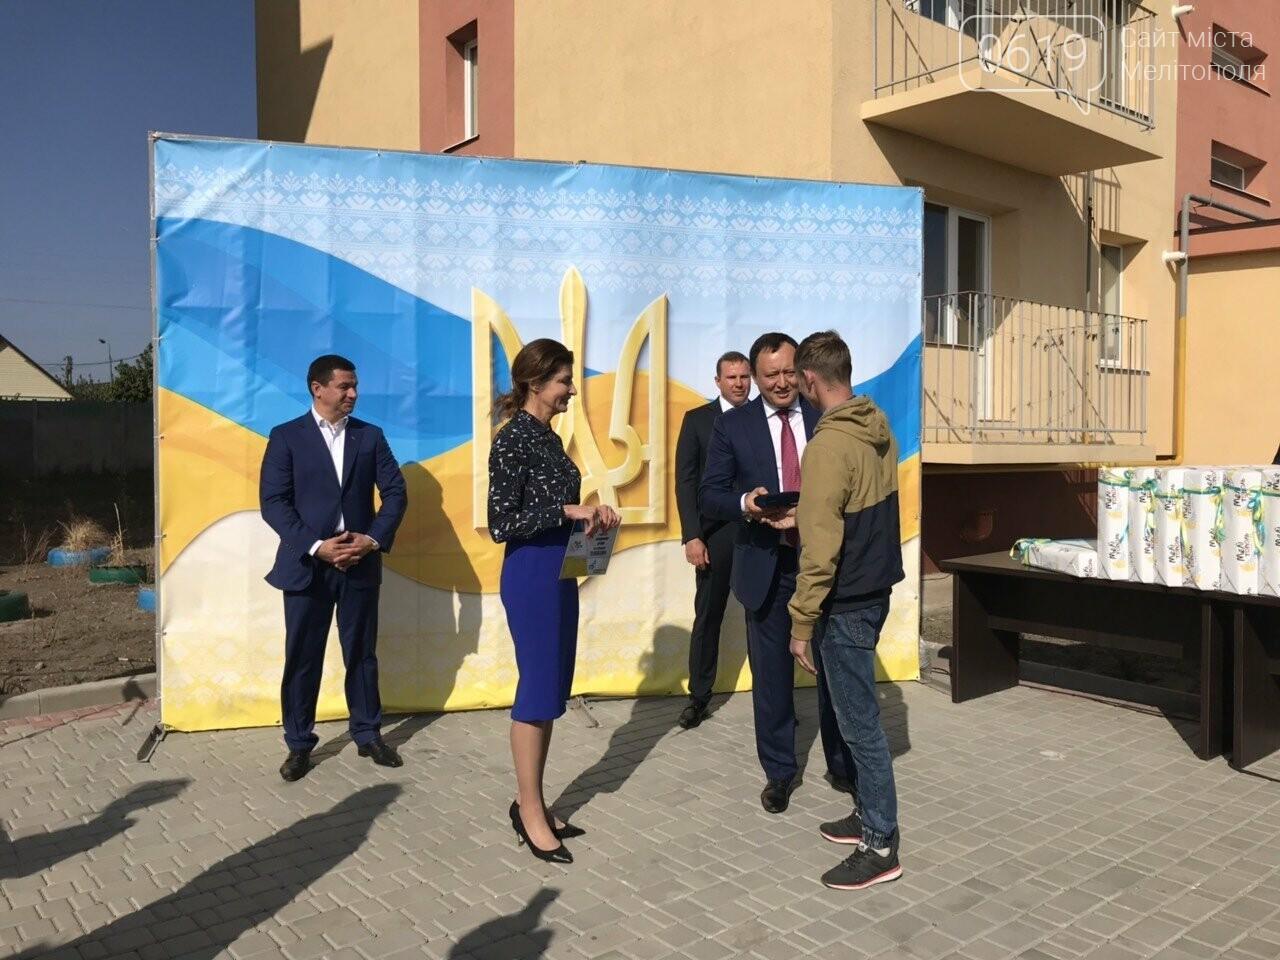 Супруга Президента вручила мелитопольским сиротам ключи от квартир , фото-10, Фото сайта 0619